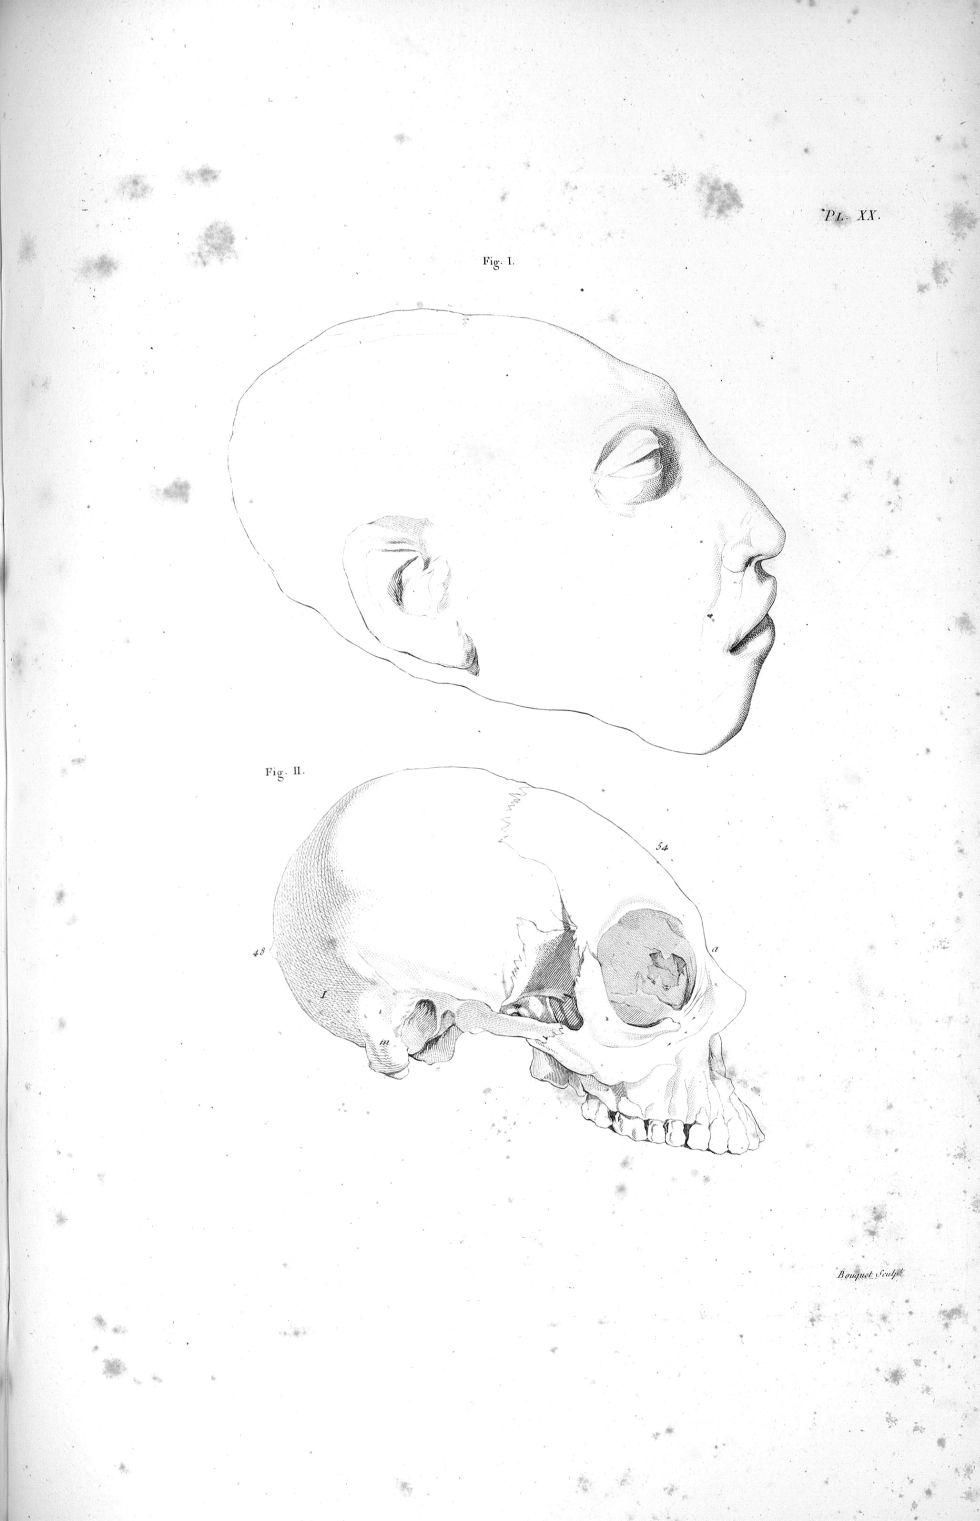 Pl. XX. Fig. 1 et 2. Tête et crâne d'une fille de vingt ans complètement imbécile - Anatomie et phys [...] - Anatomie. Neurologie. Crânes. Phrénologie. 19e siècle (France) - med00575x02x0335